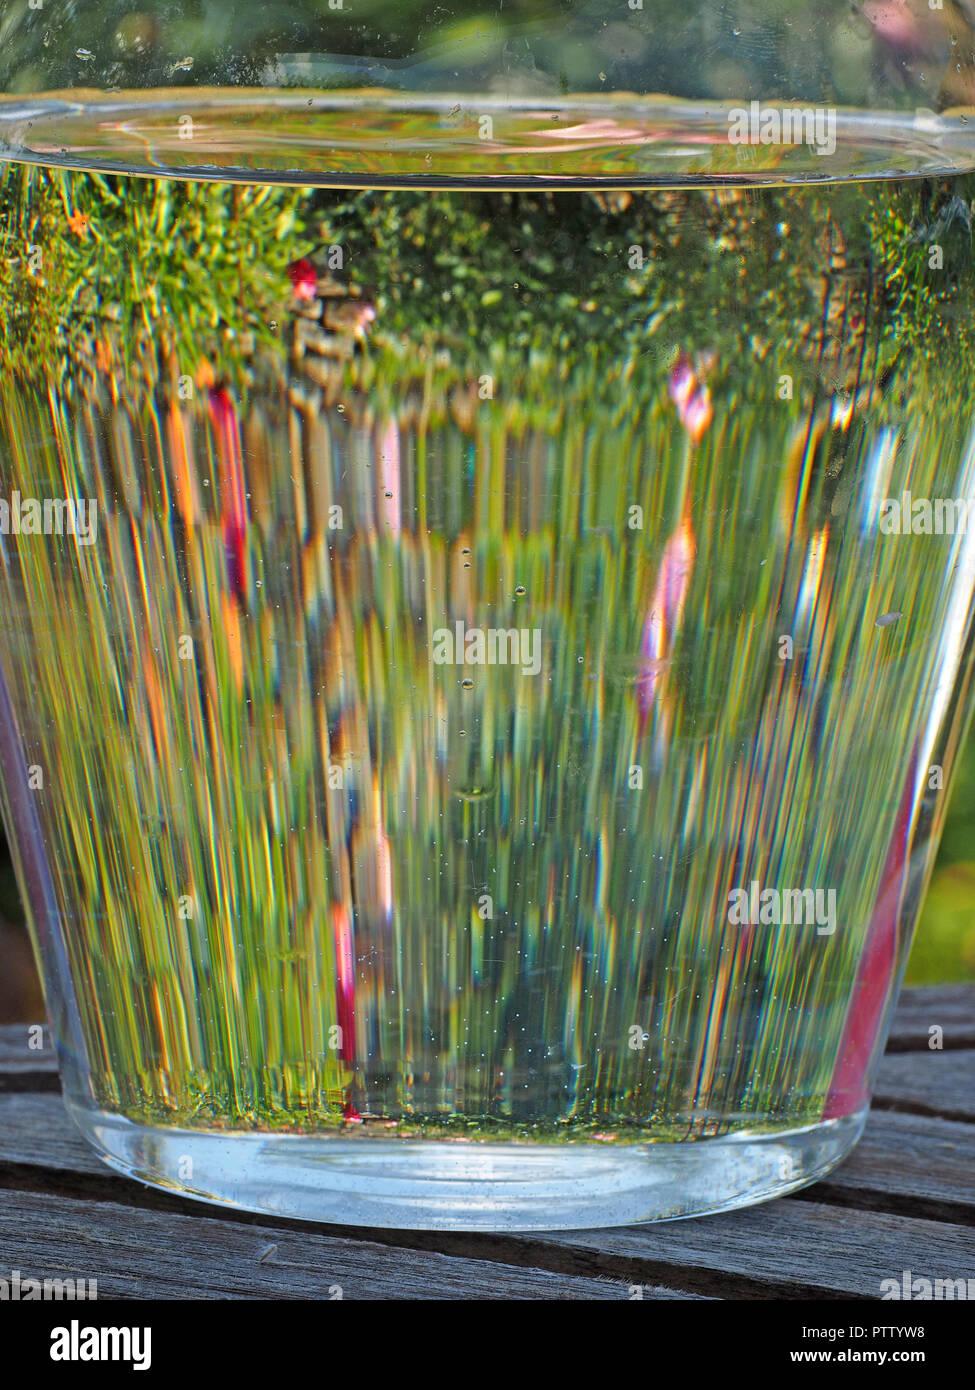 Verre D Eau En Anglais : verre, anglais, Verseuse, D'eau, Verre, Lunette, Image, Fleurs, Jardin, Anglais, Cotswolds,, England,, Photo, Stock, Alamy